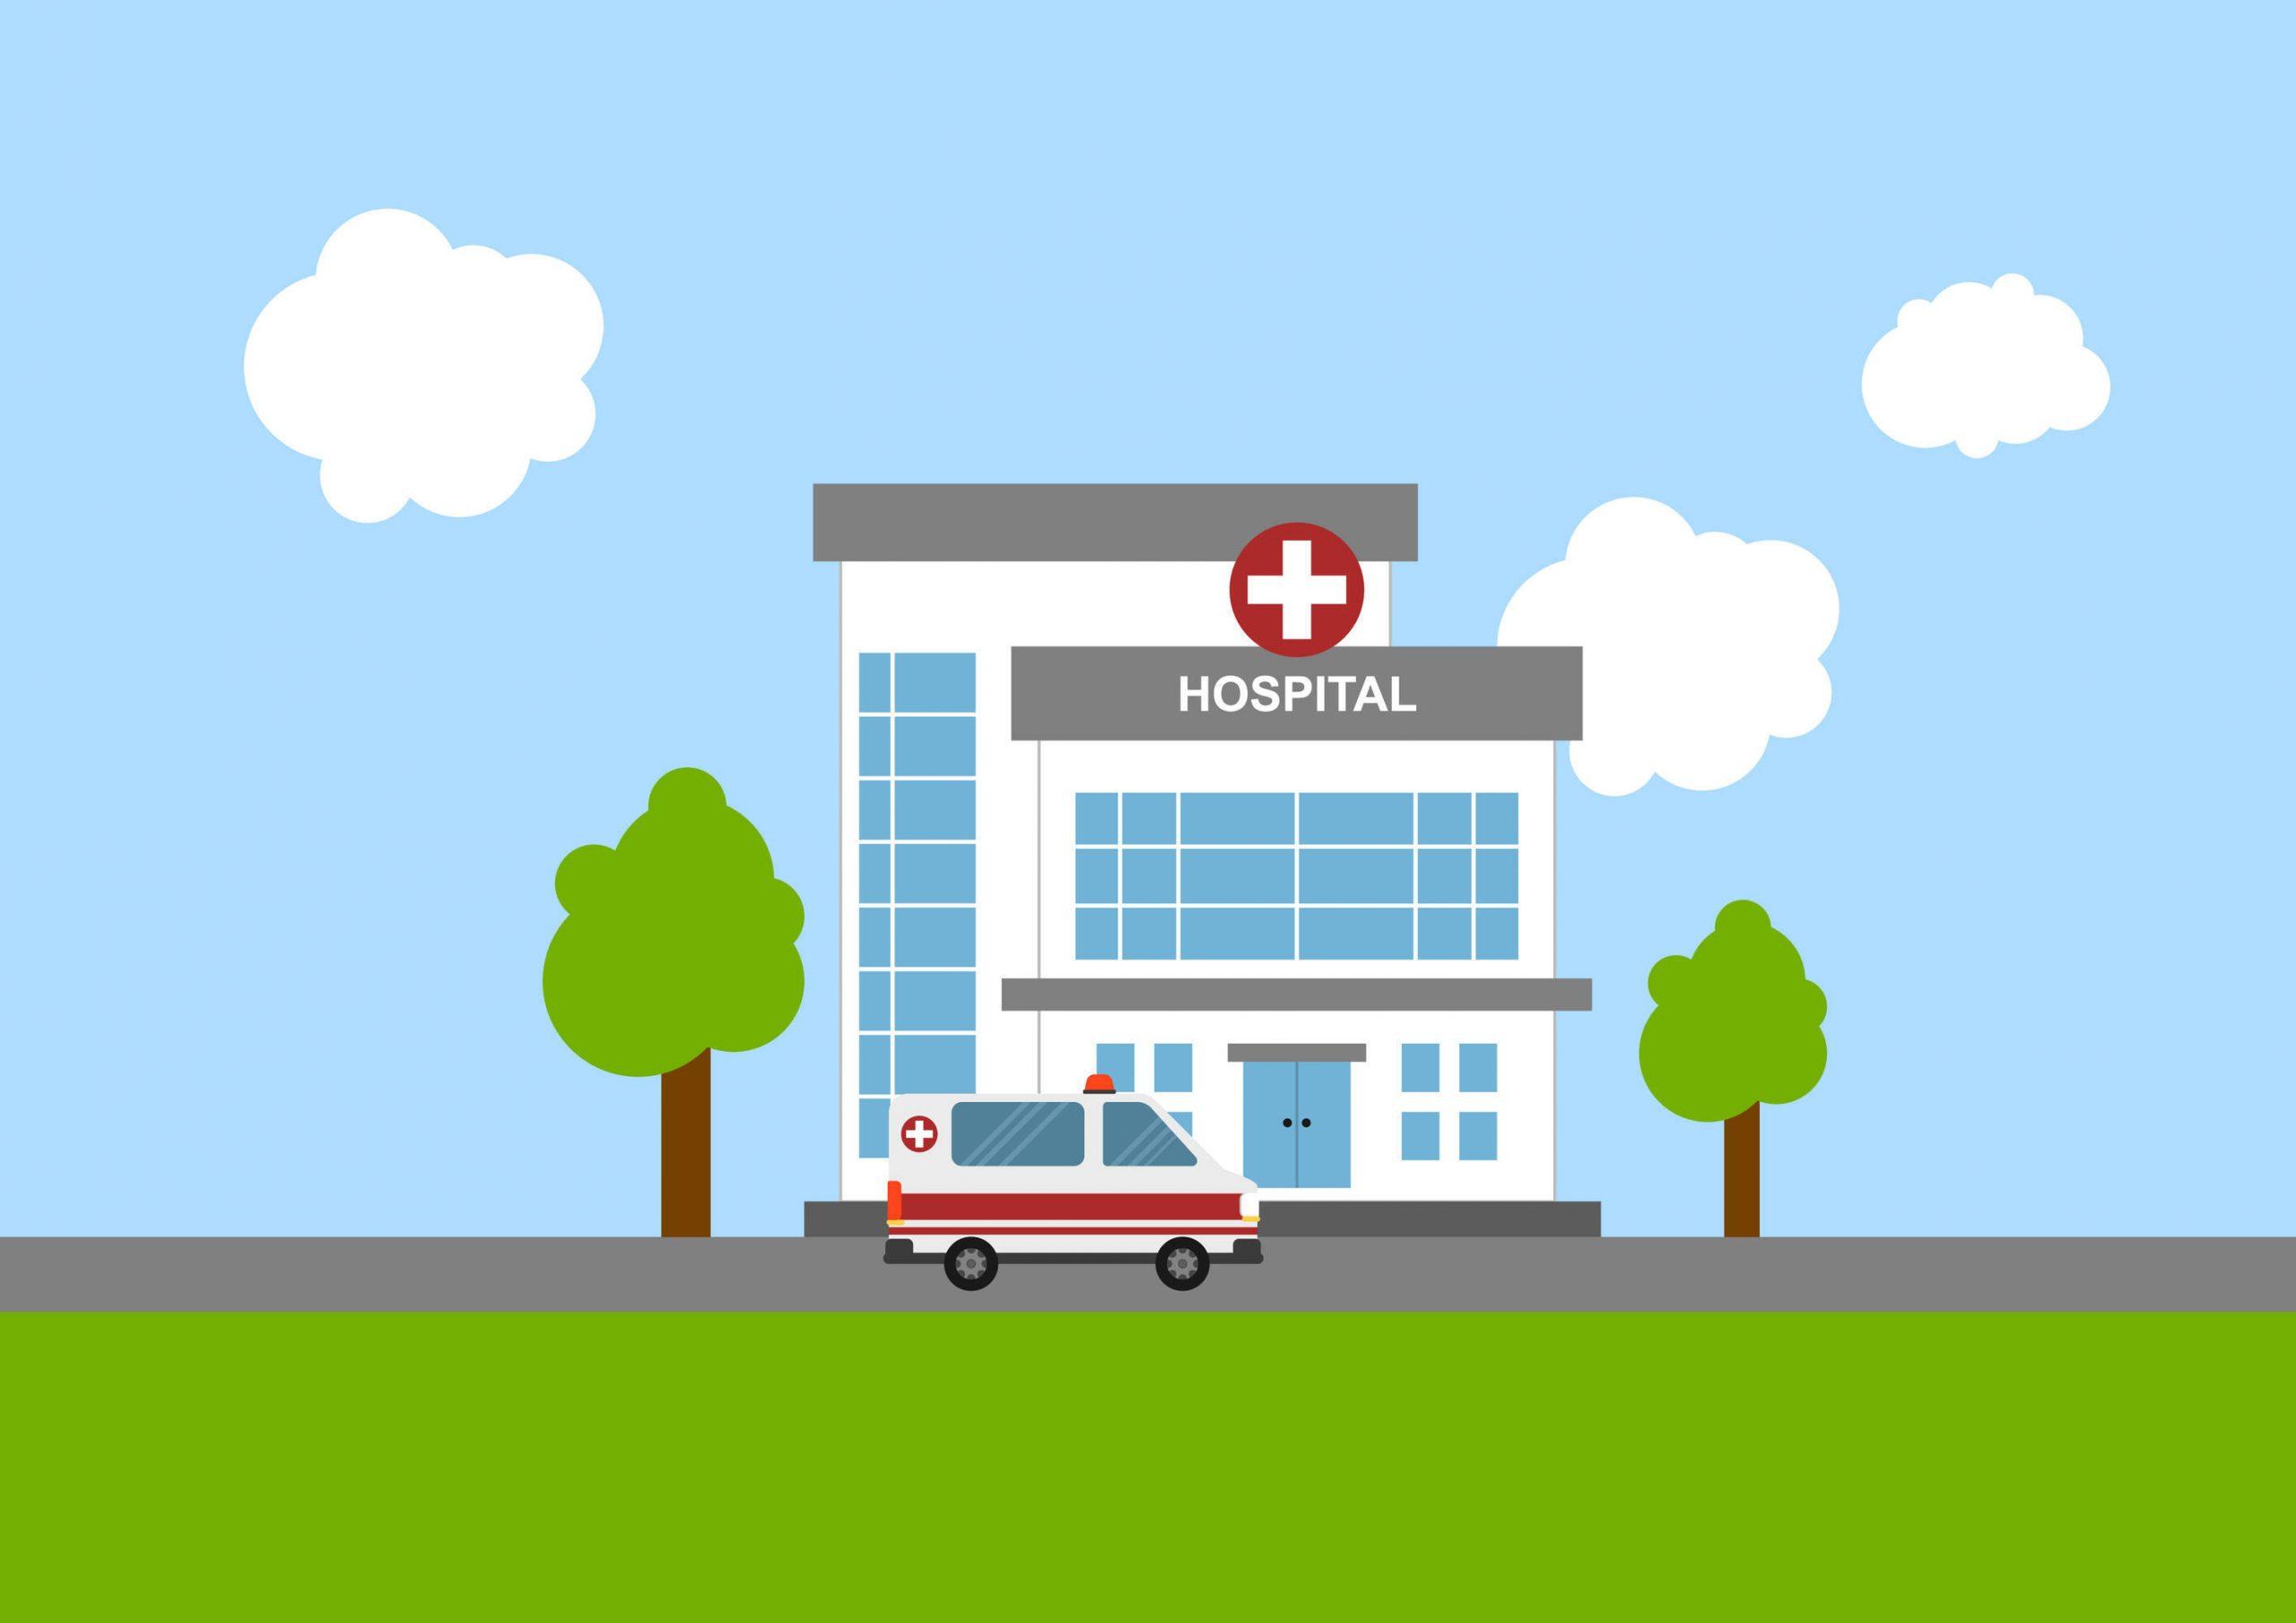 Centros, servicios y establecimientos sanitarios que se determinan como servicios esenciales